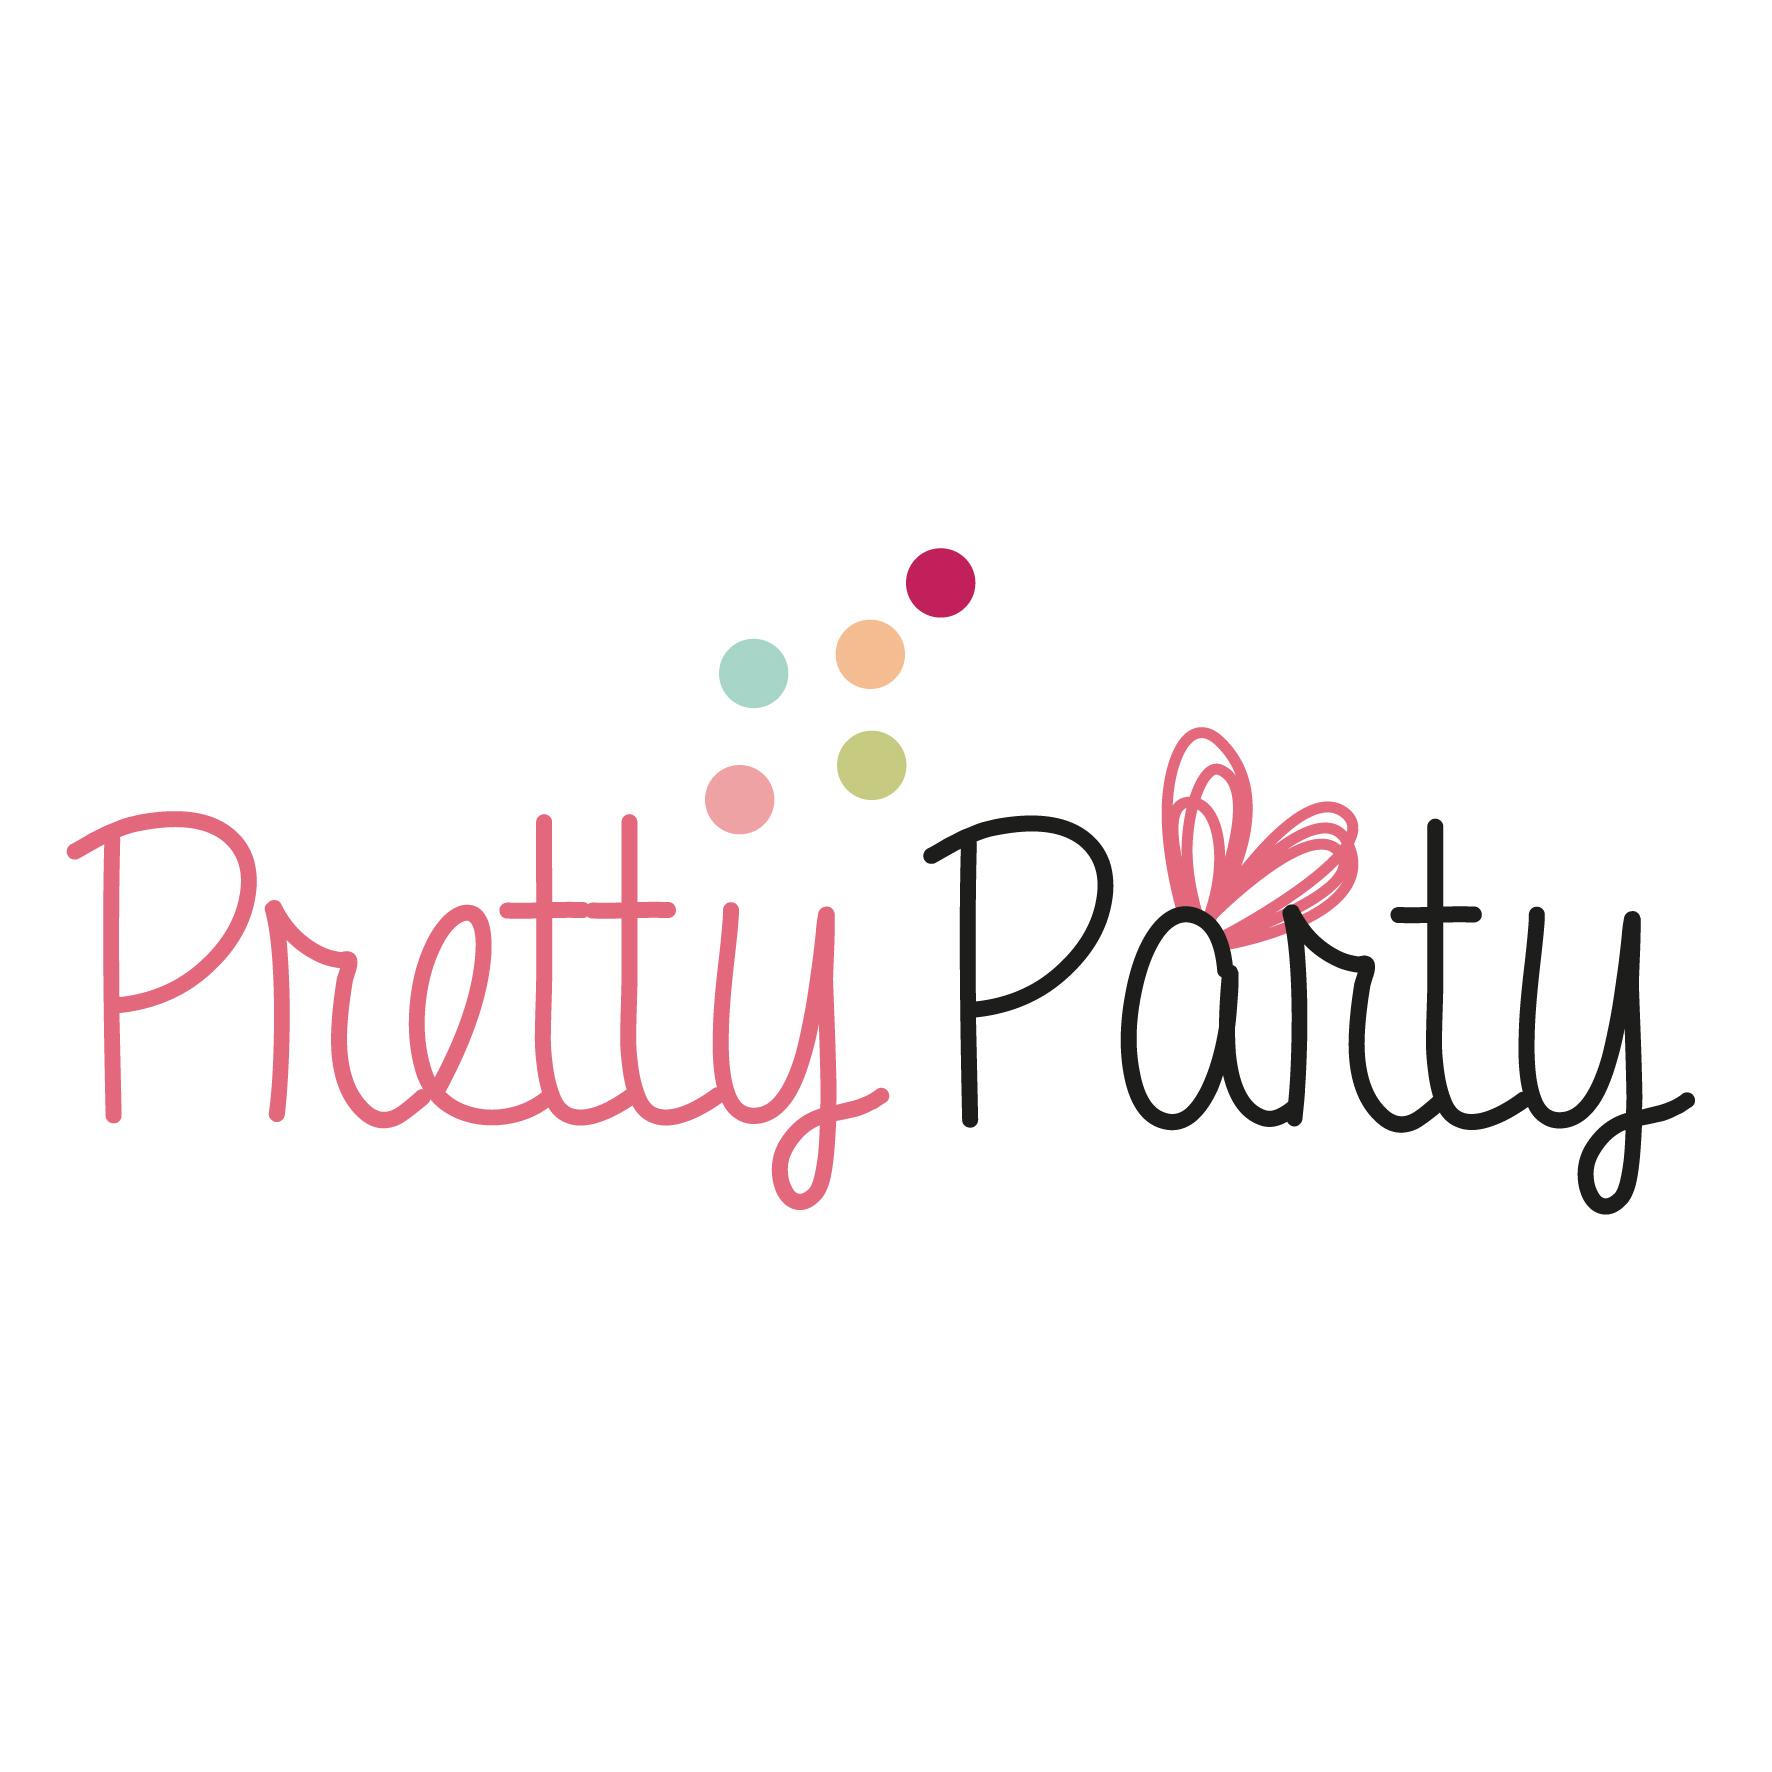 Pretty party